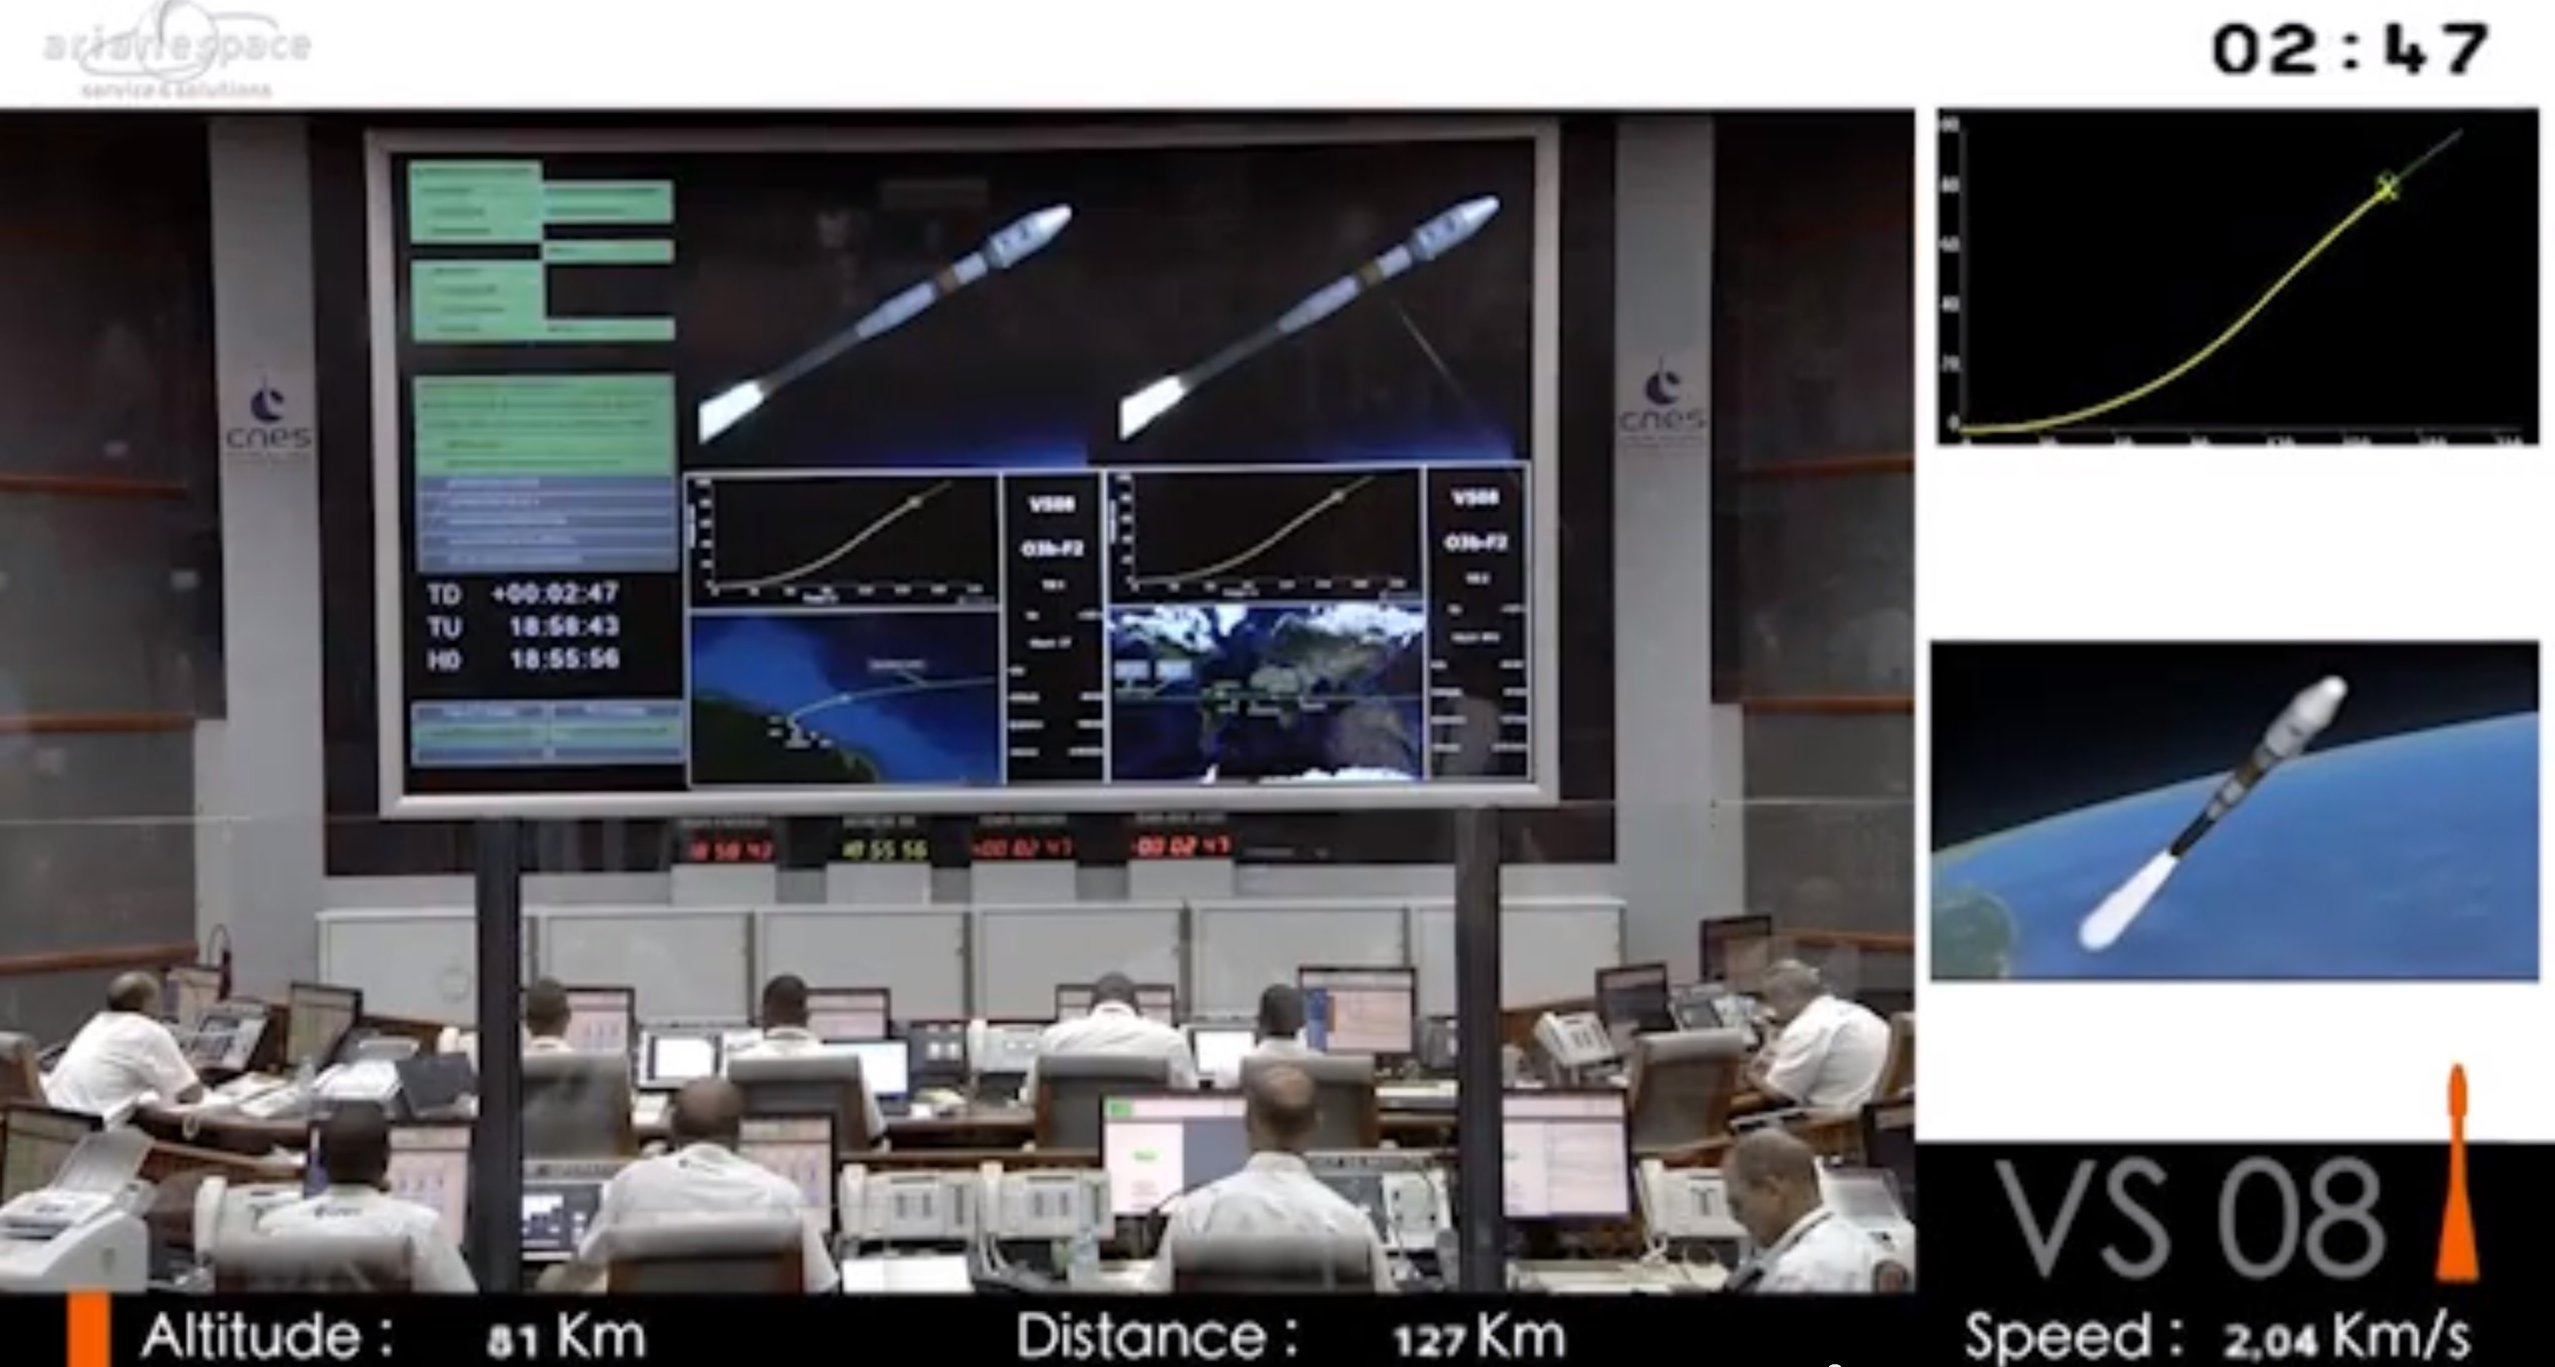 Kontrollzentrum der ESA: Der Raketenstart in der Nacht zu Freitag auf dem Weltraumbahnhof in Französisch-Guyana verlief reibungslos. Die nächsten vier Satelliten werden im September in ihre Erdumlaufbahn gebracht.